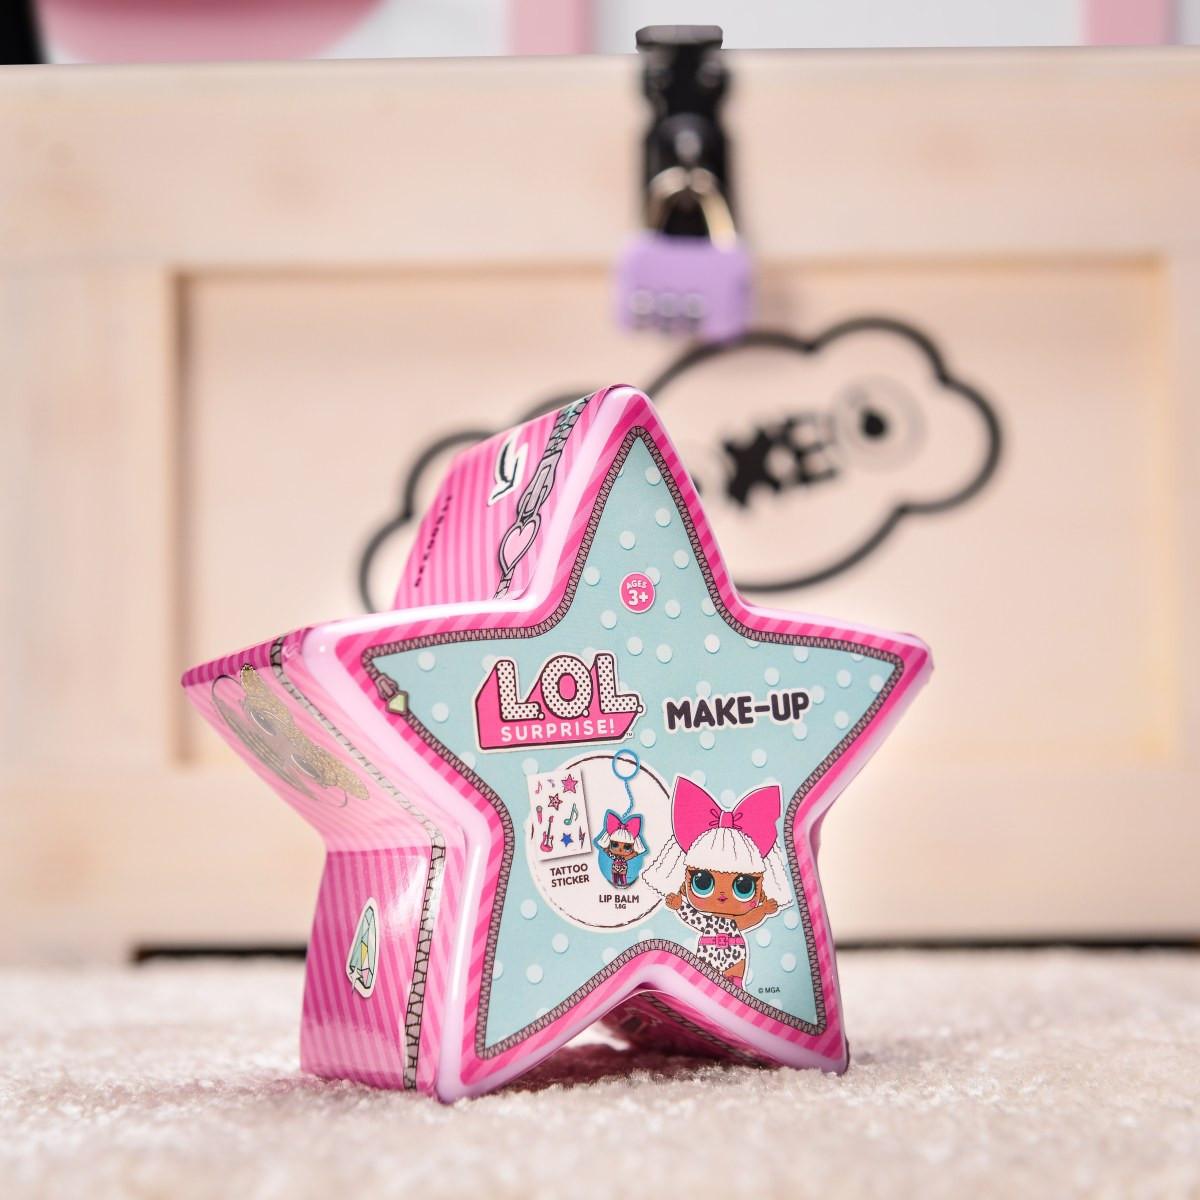 Dívčí Kidboxeo s L.O.L. panenkami